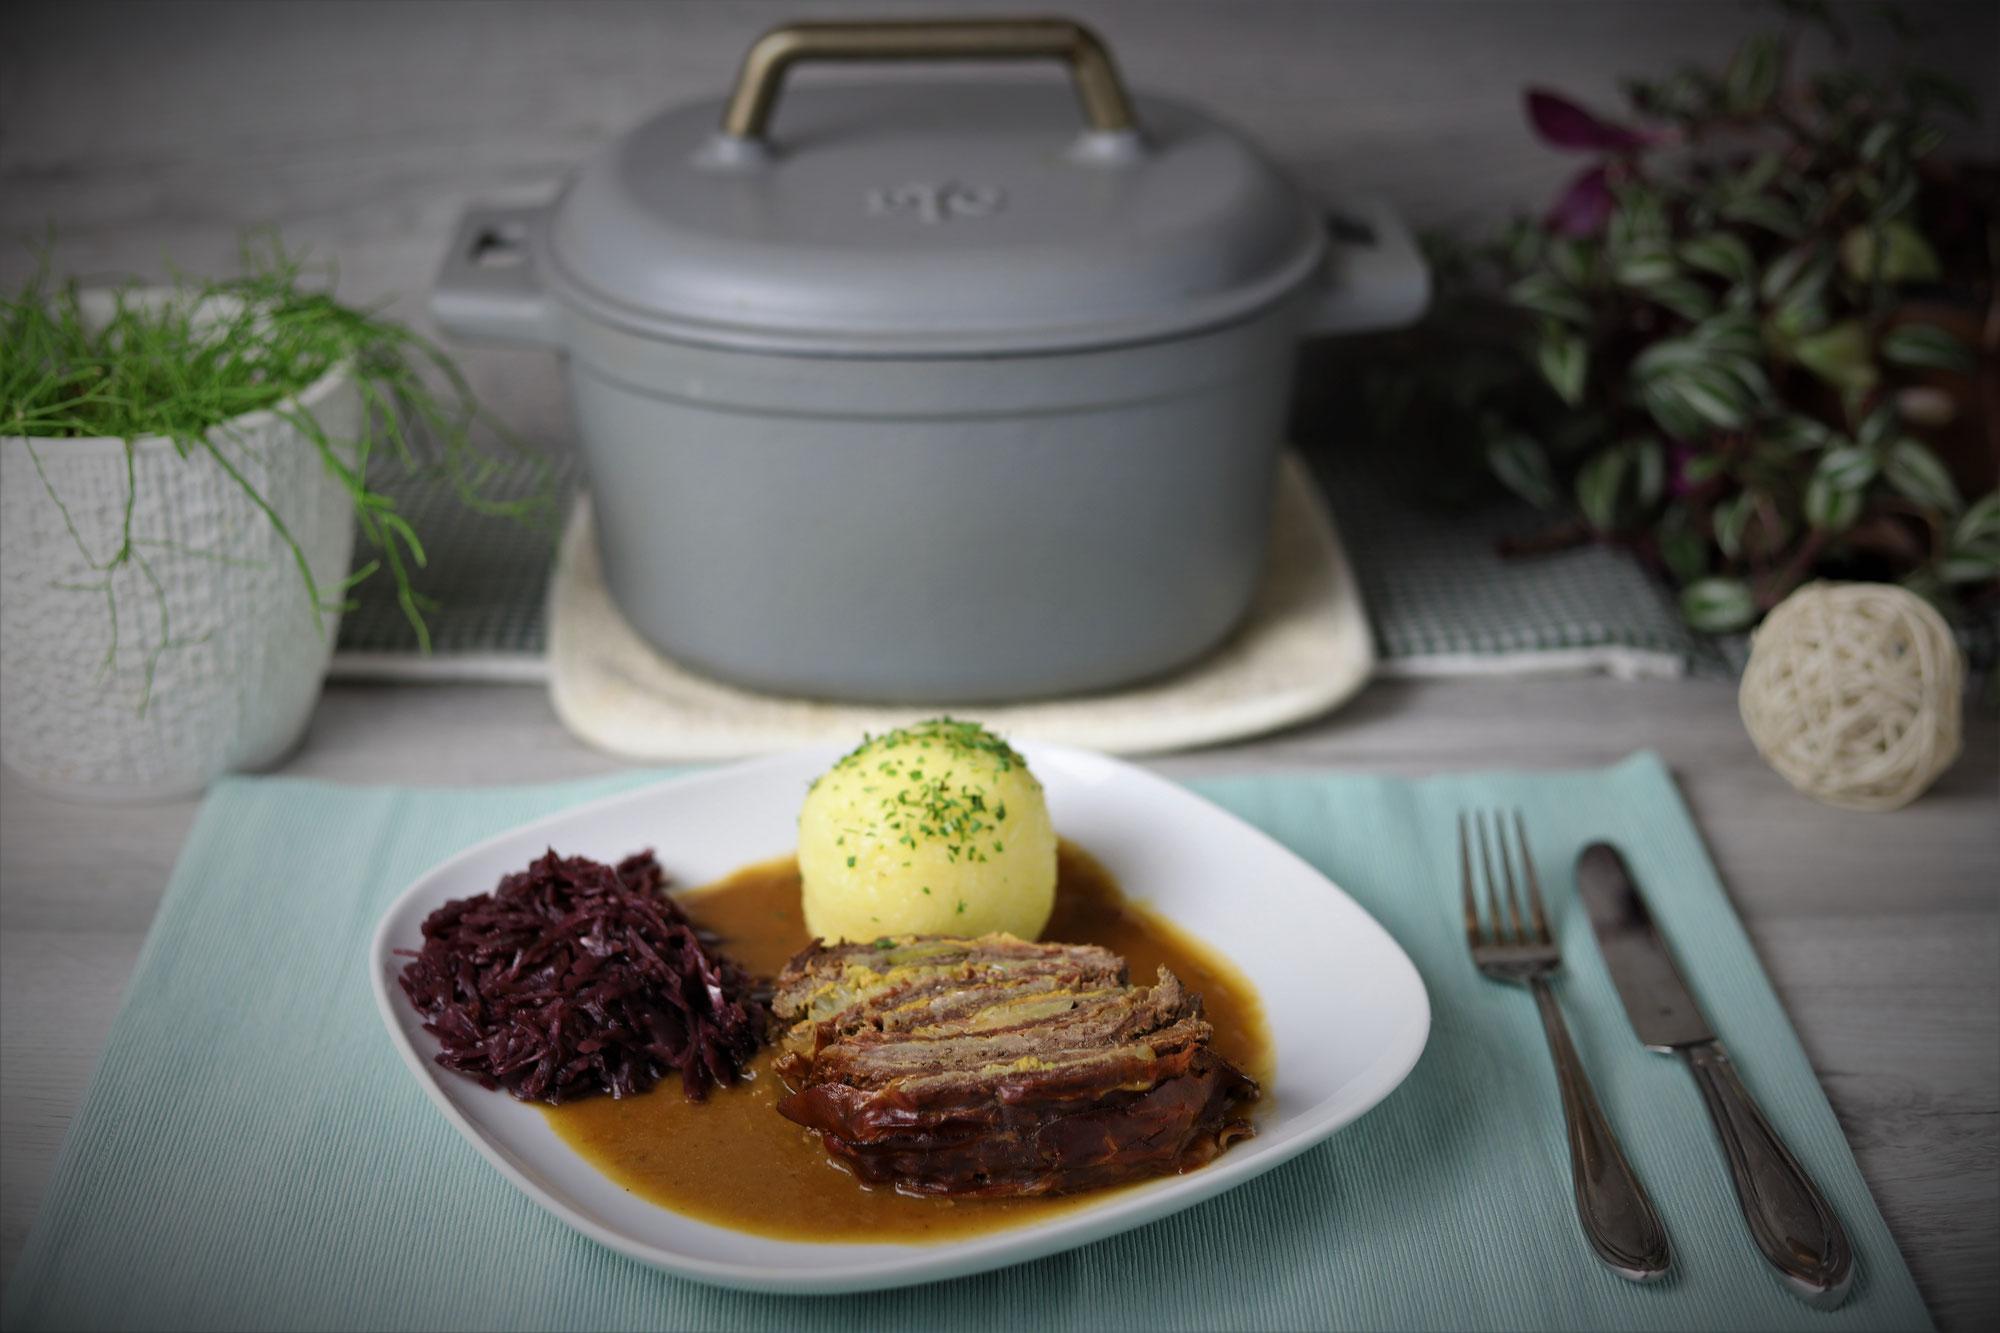 Rouladen-Schichtbraten im emaillierten gusseisernen Topf von Pampered Chef®